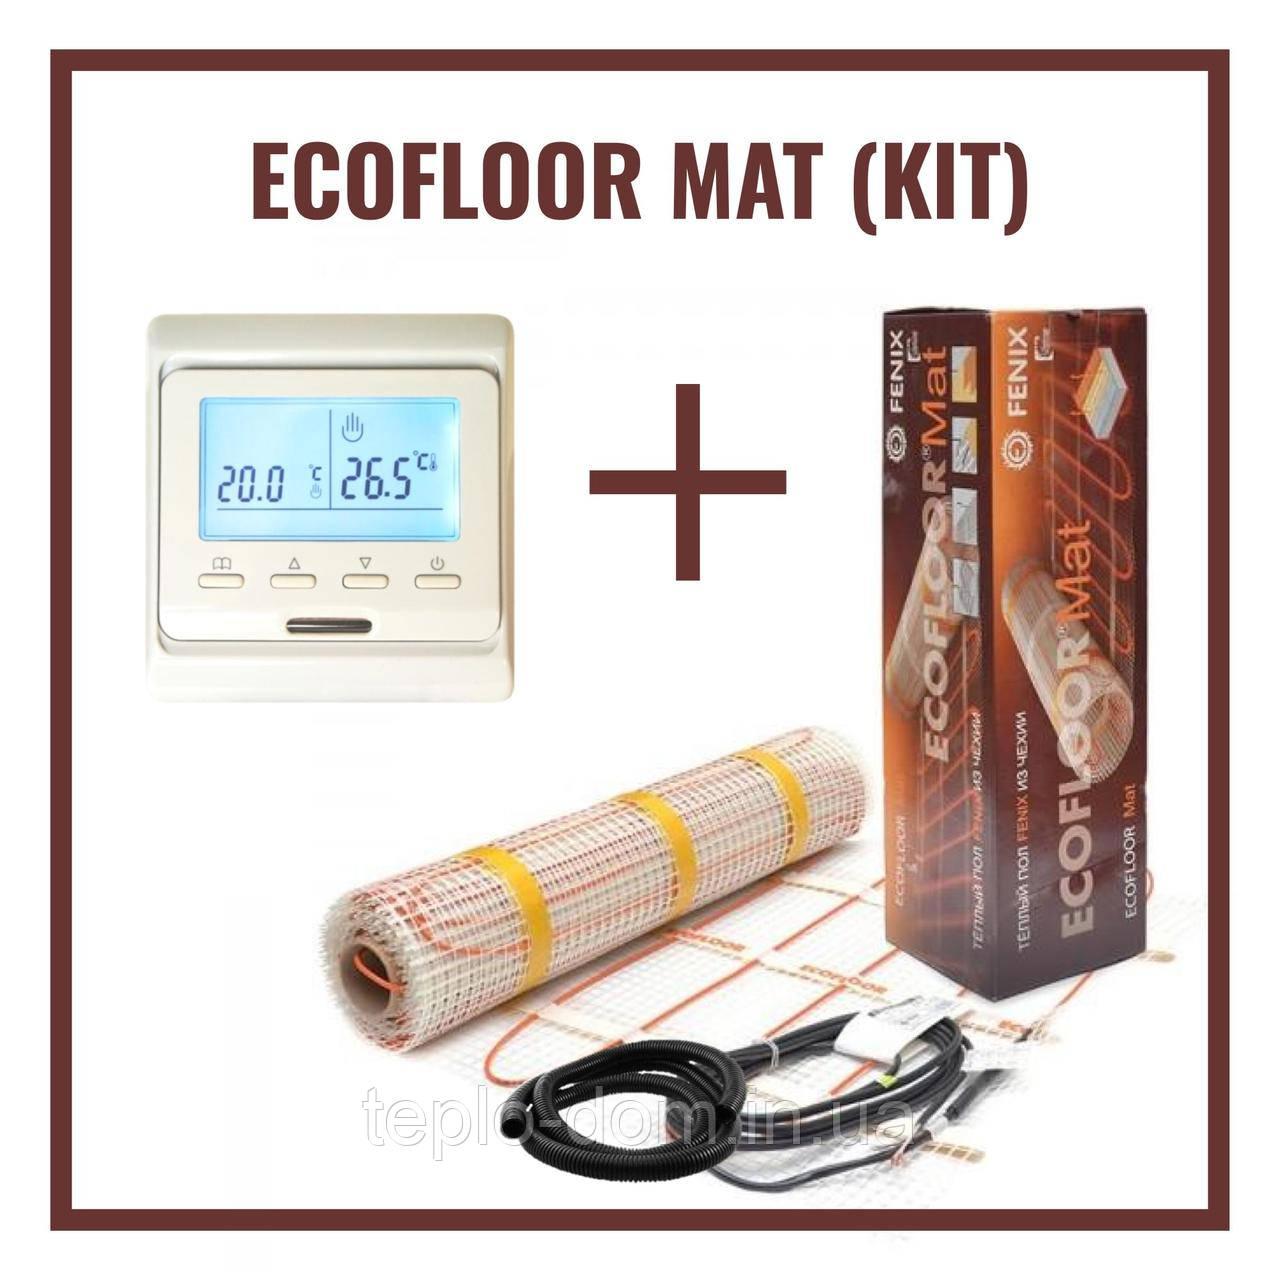 Нагревательный мат Fenix LDTS 12340 ( 2.1 м2) с Программируемым терморегулятором Е-51  (Премиум)